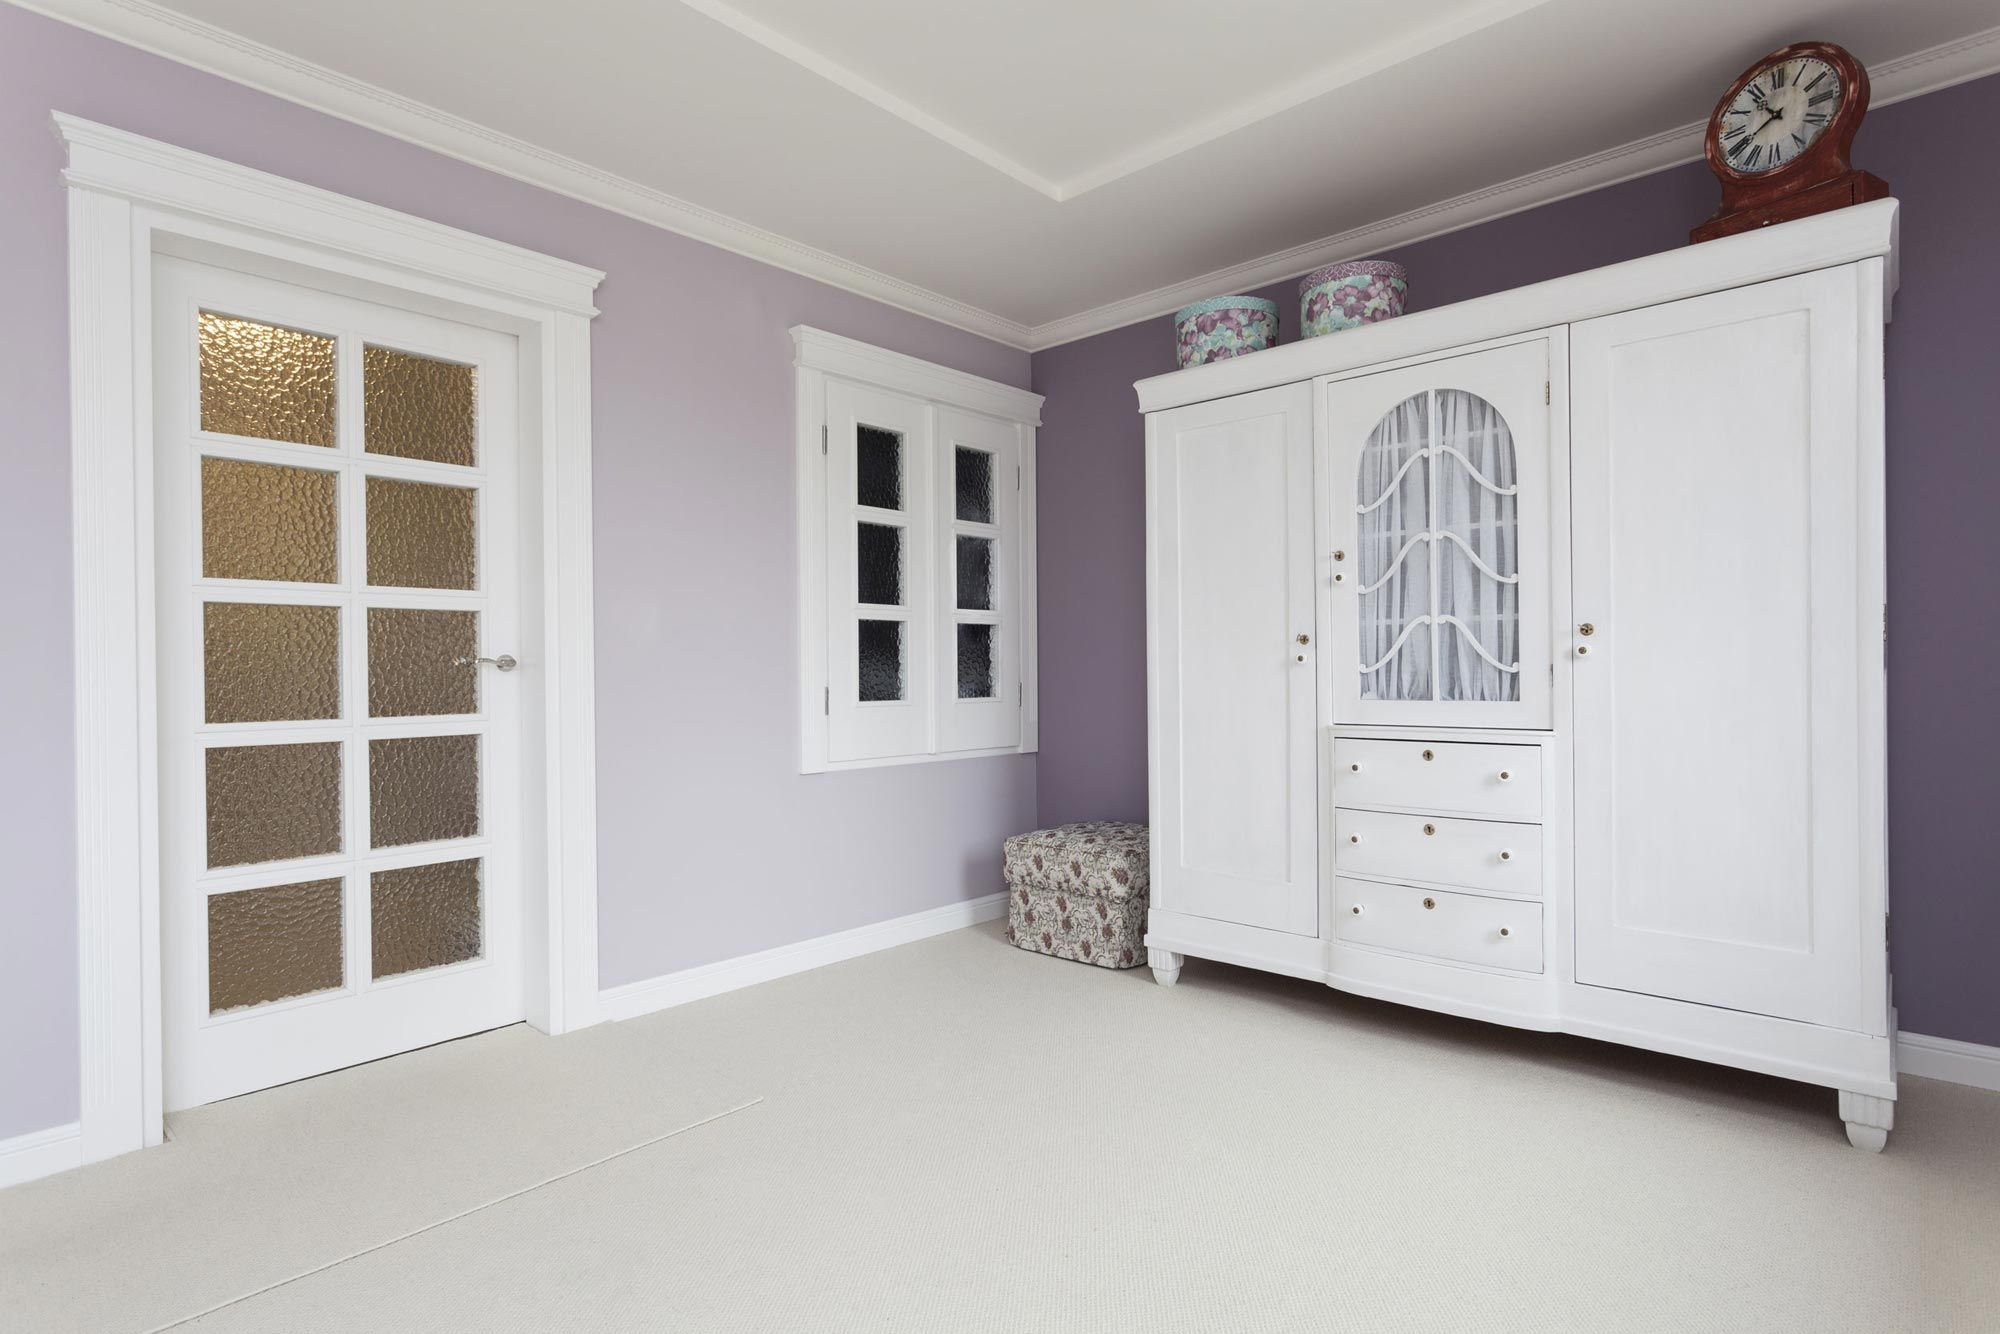 Chambre lumineuse et spacieuse en blanc et violet